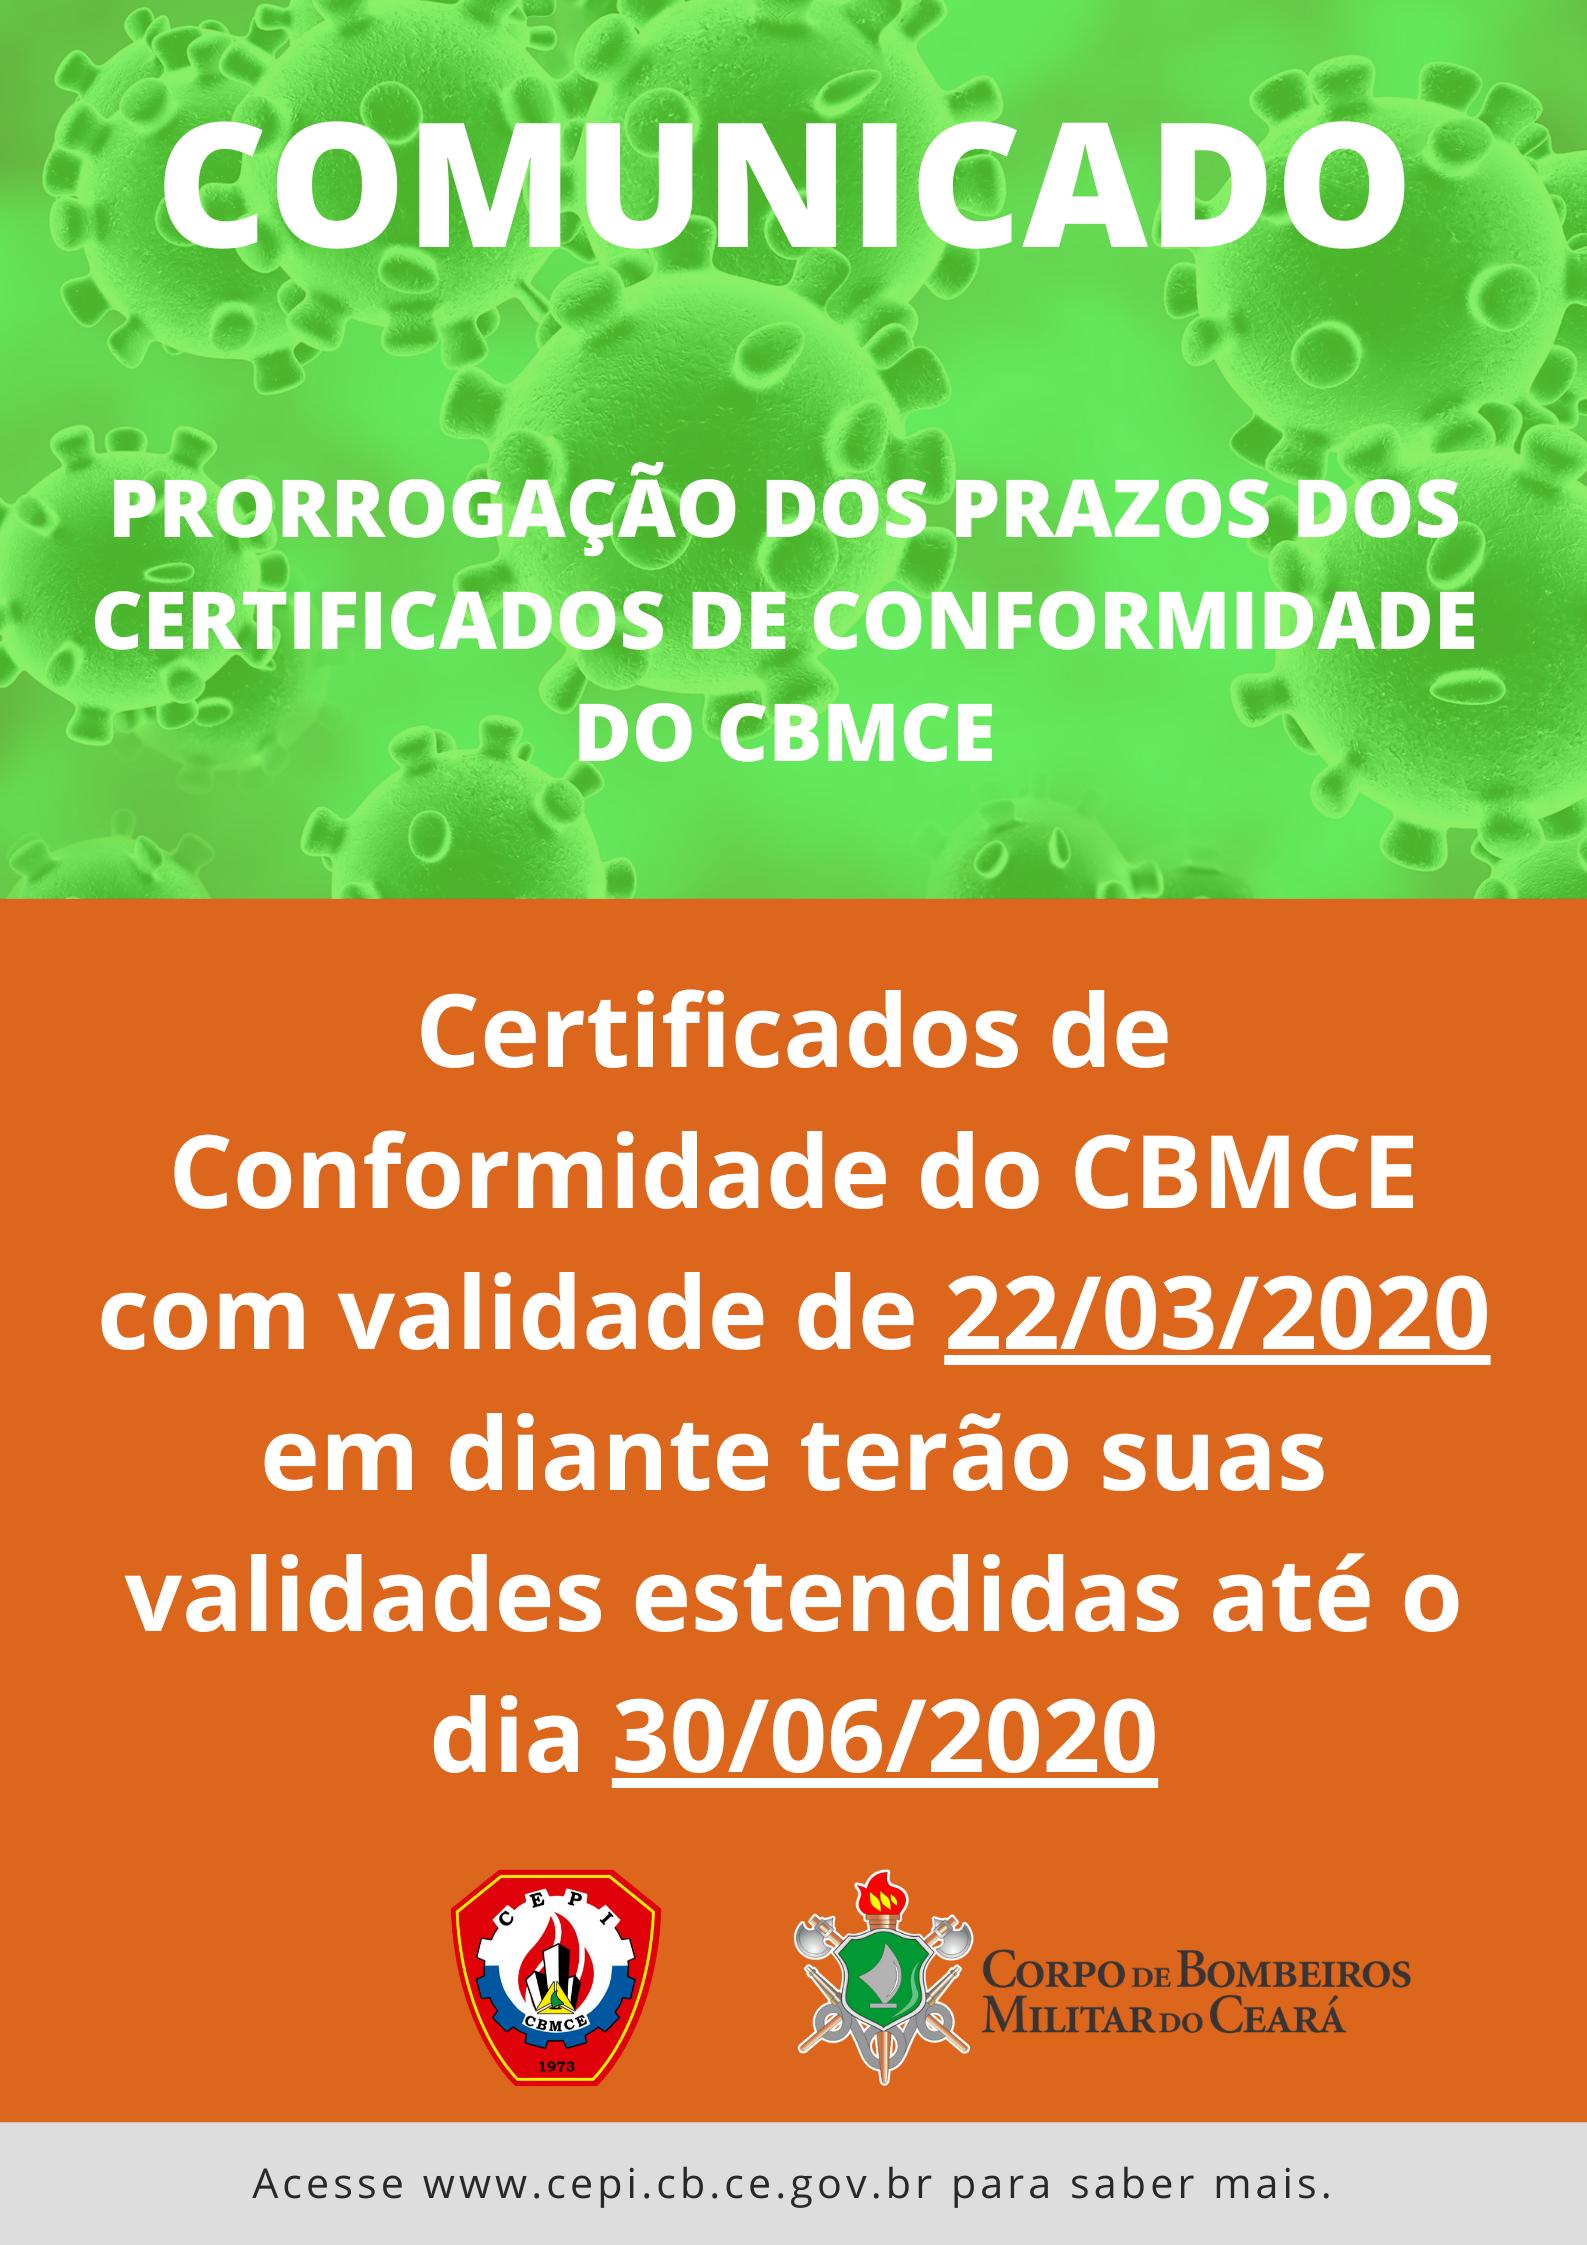 [COVID-19] CBMCE prorroga a validade do Certificado de Conformidade